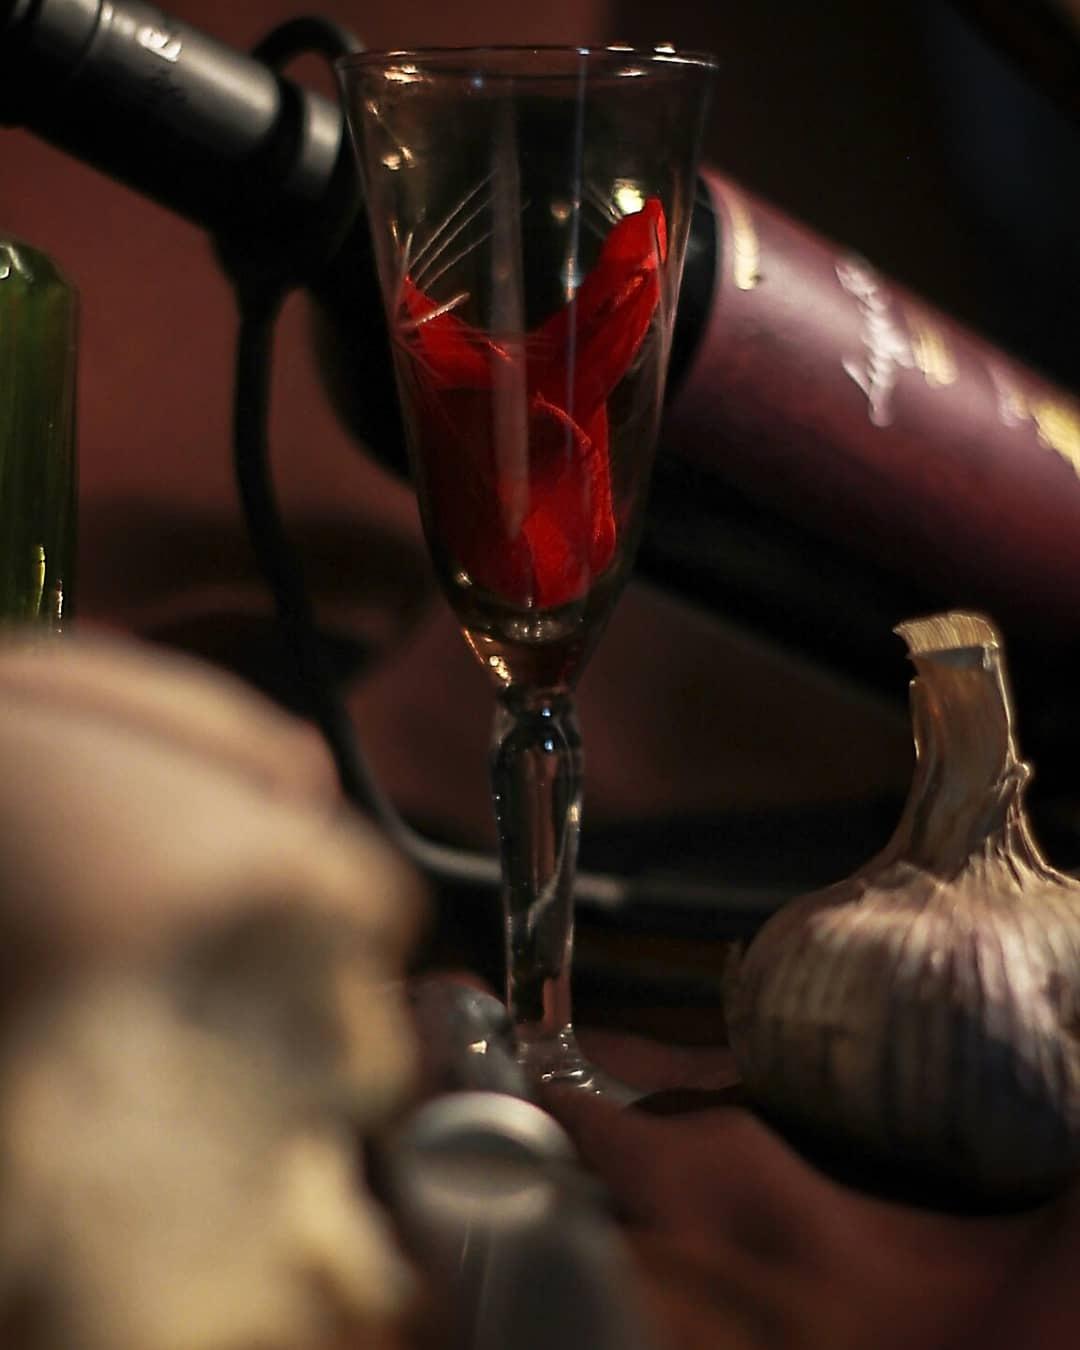 Wine by LucasGelabert